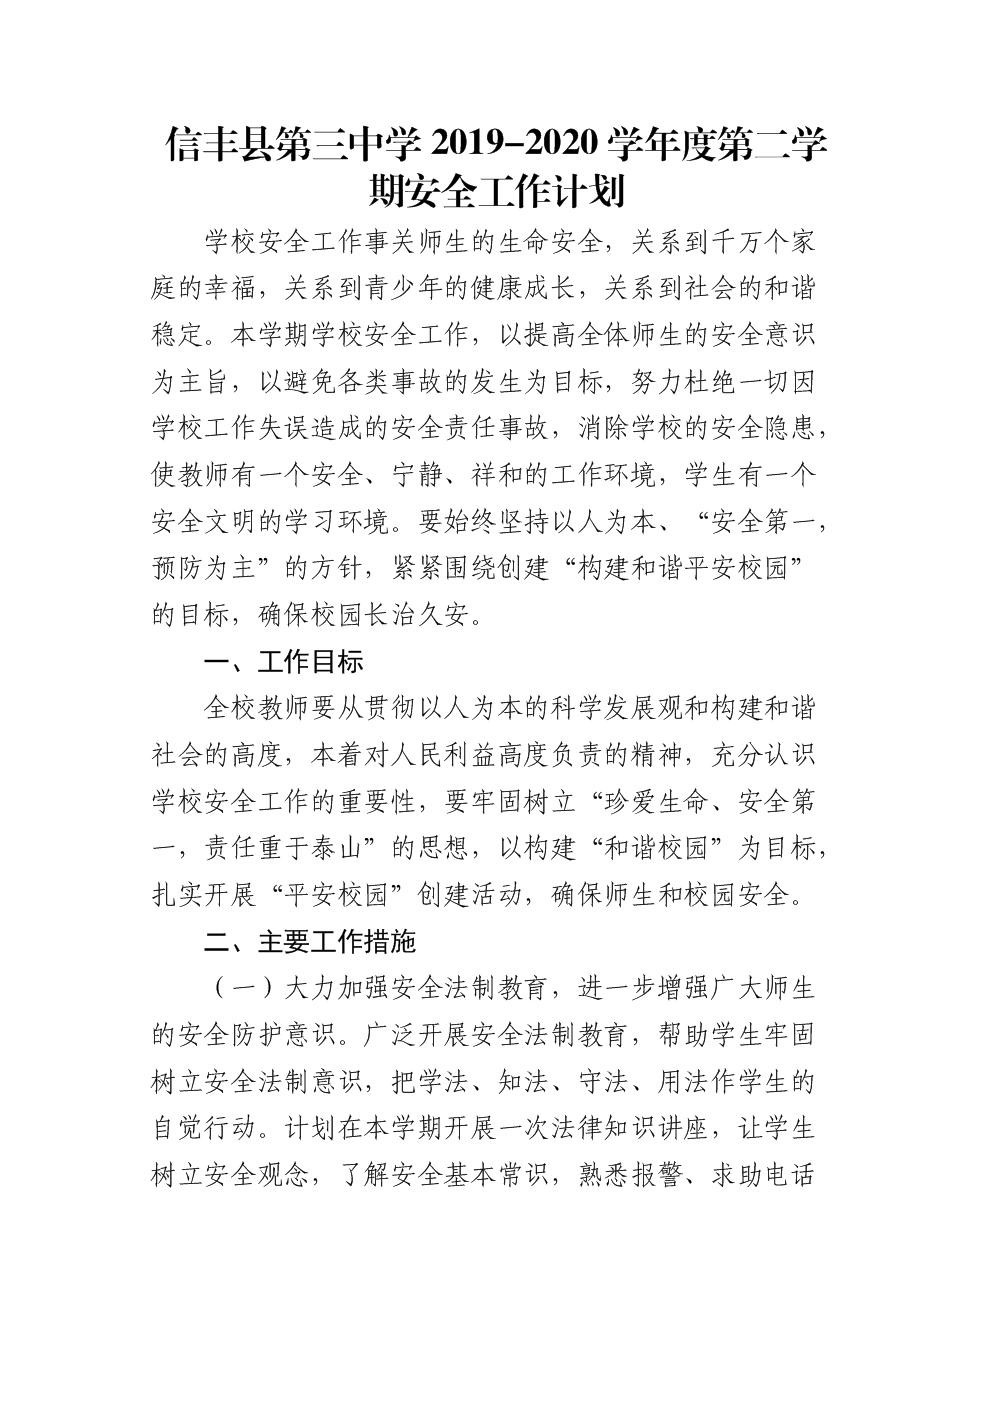 信丰县第三中学2019-2020学年度第二学期安全工作计划.docx